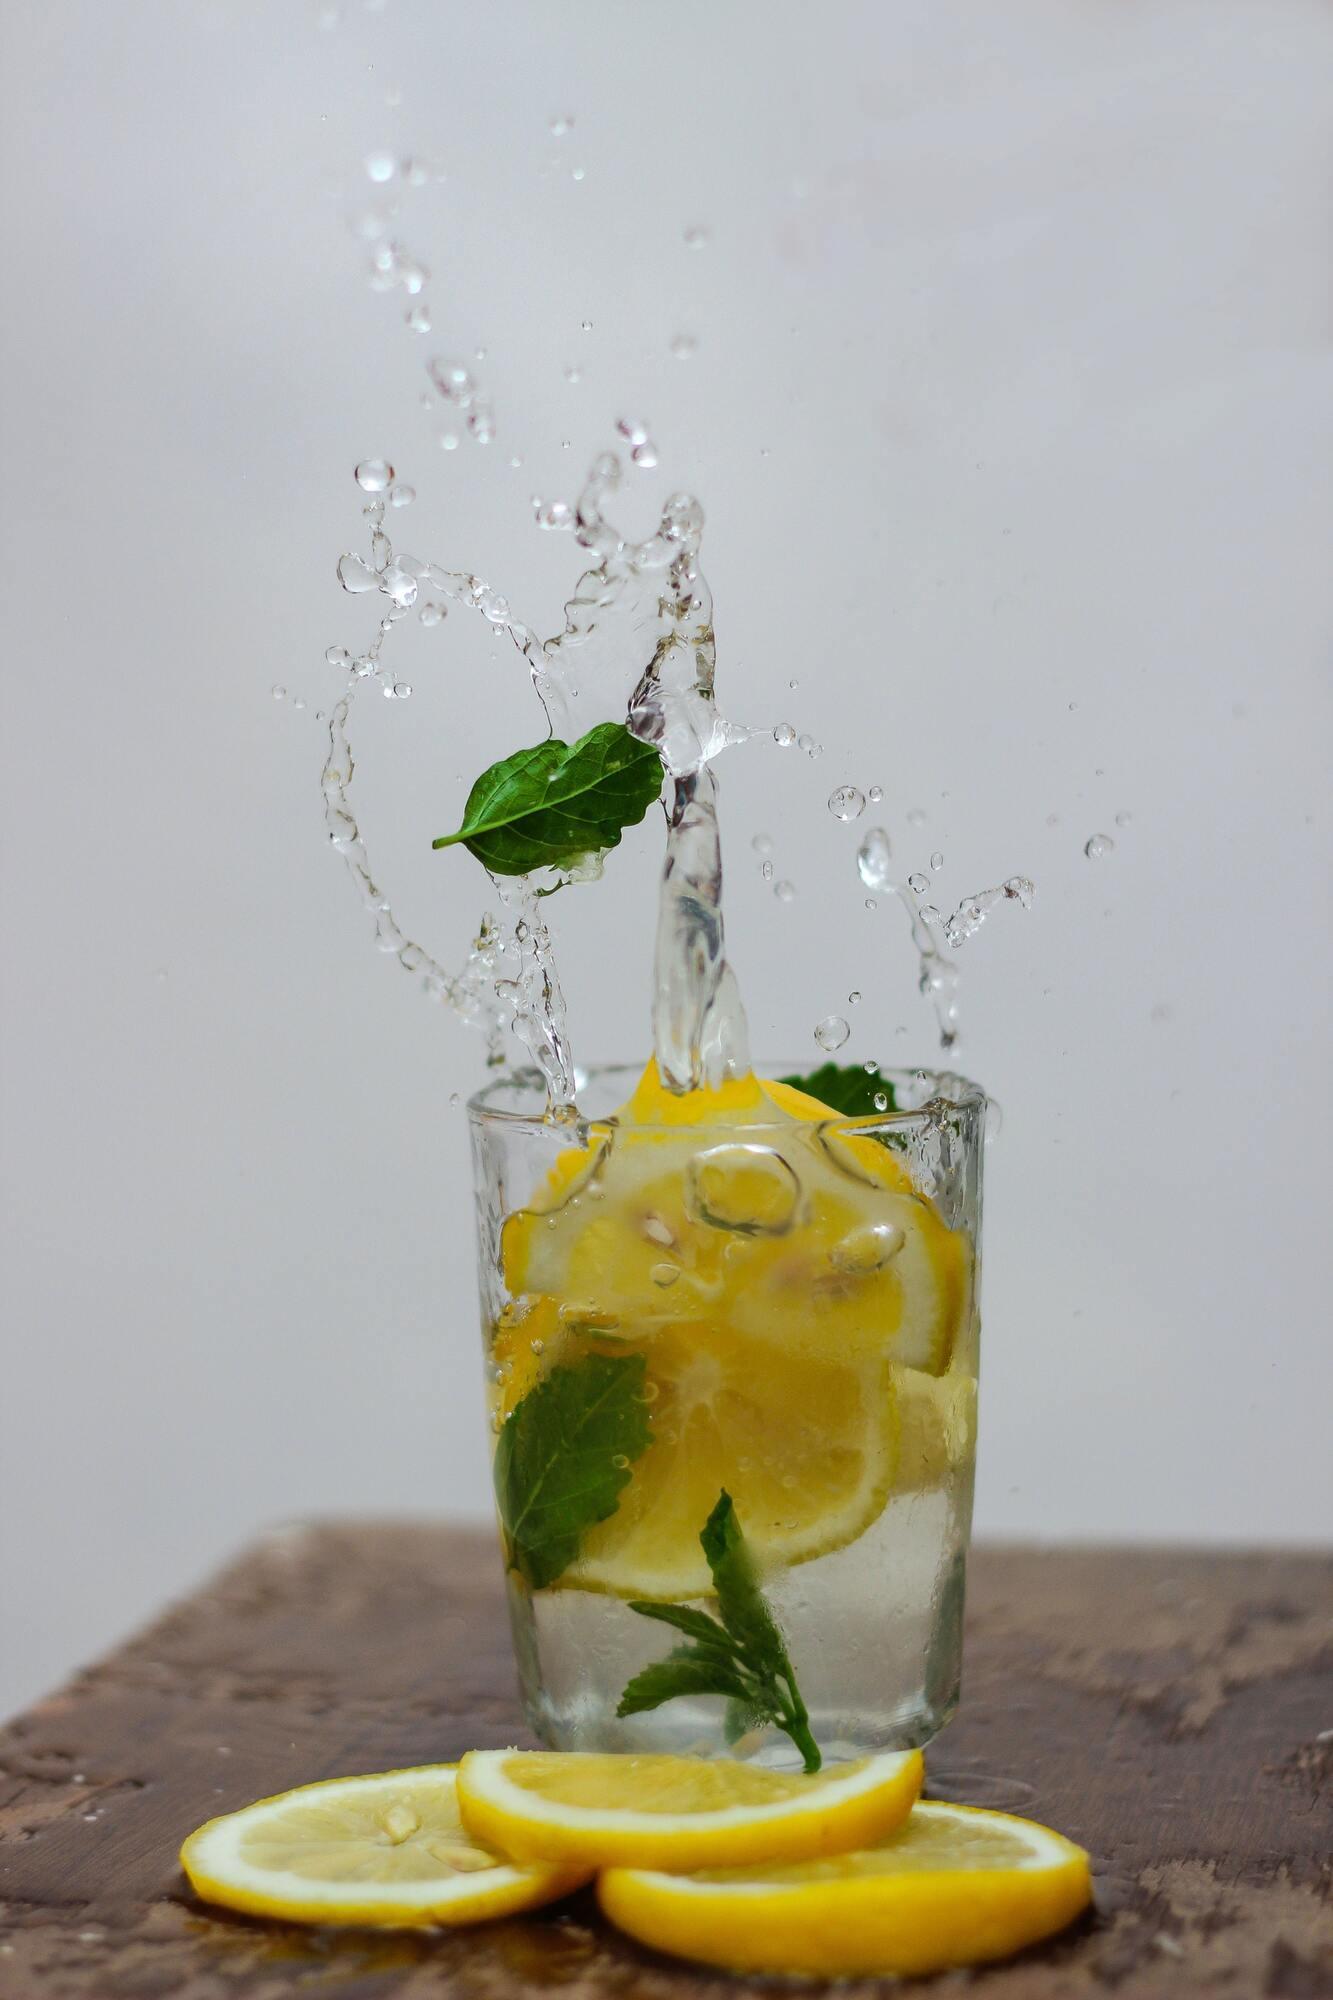 Лимонная вода по утрам действует как слабительное